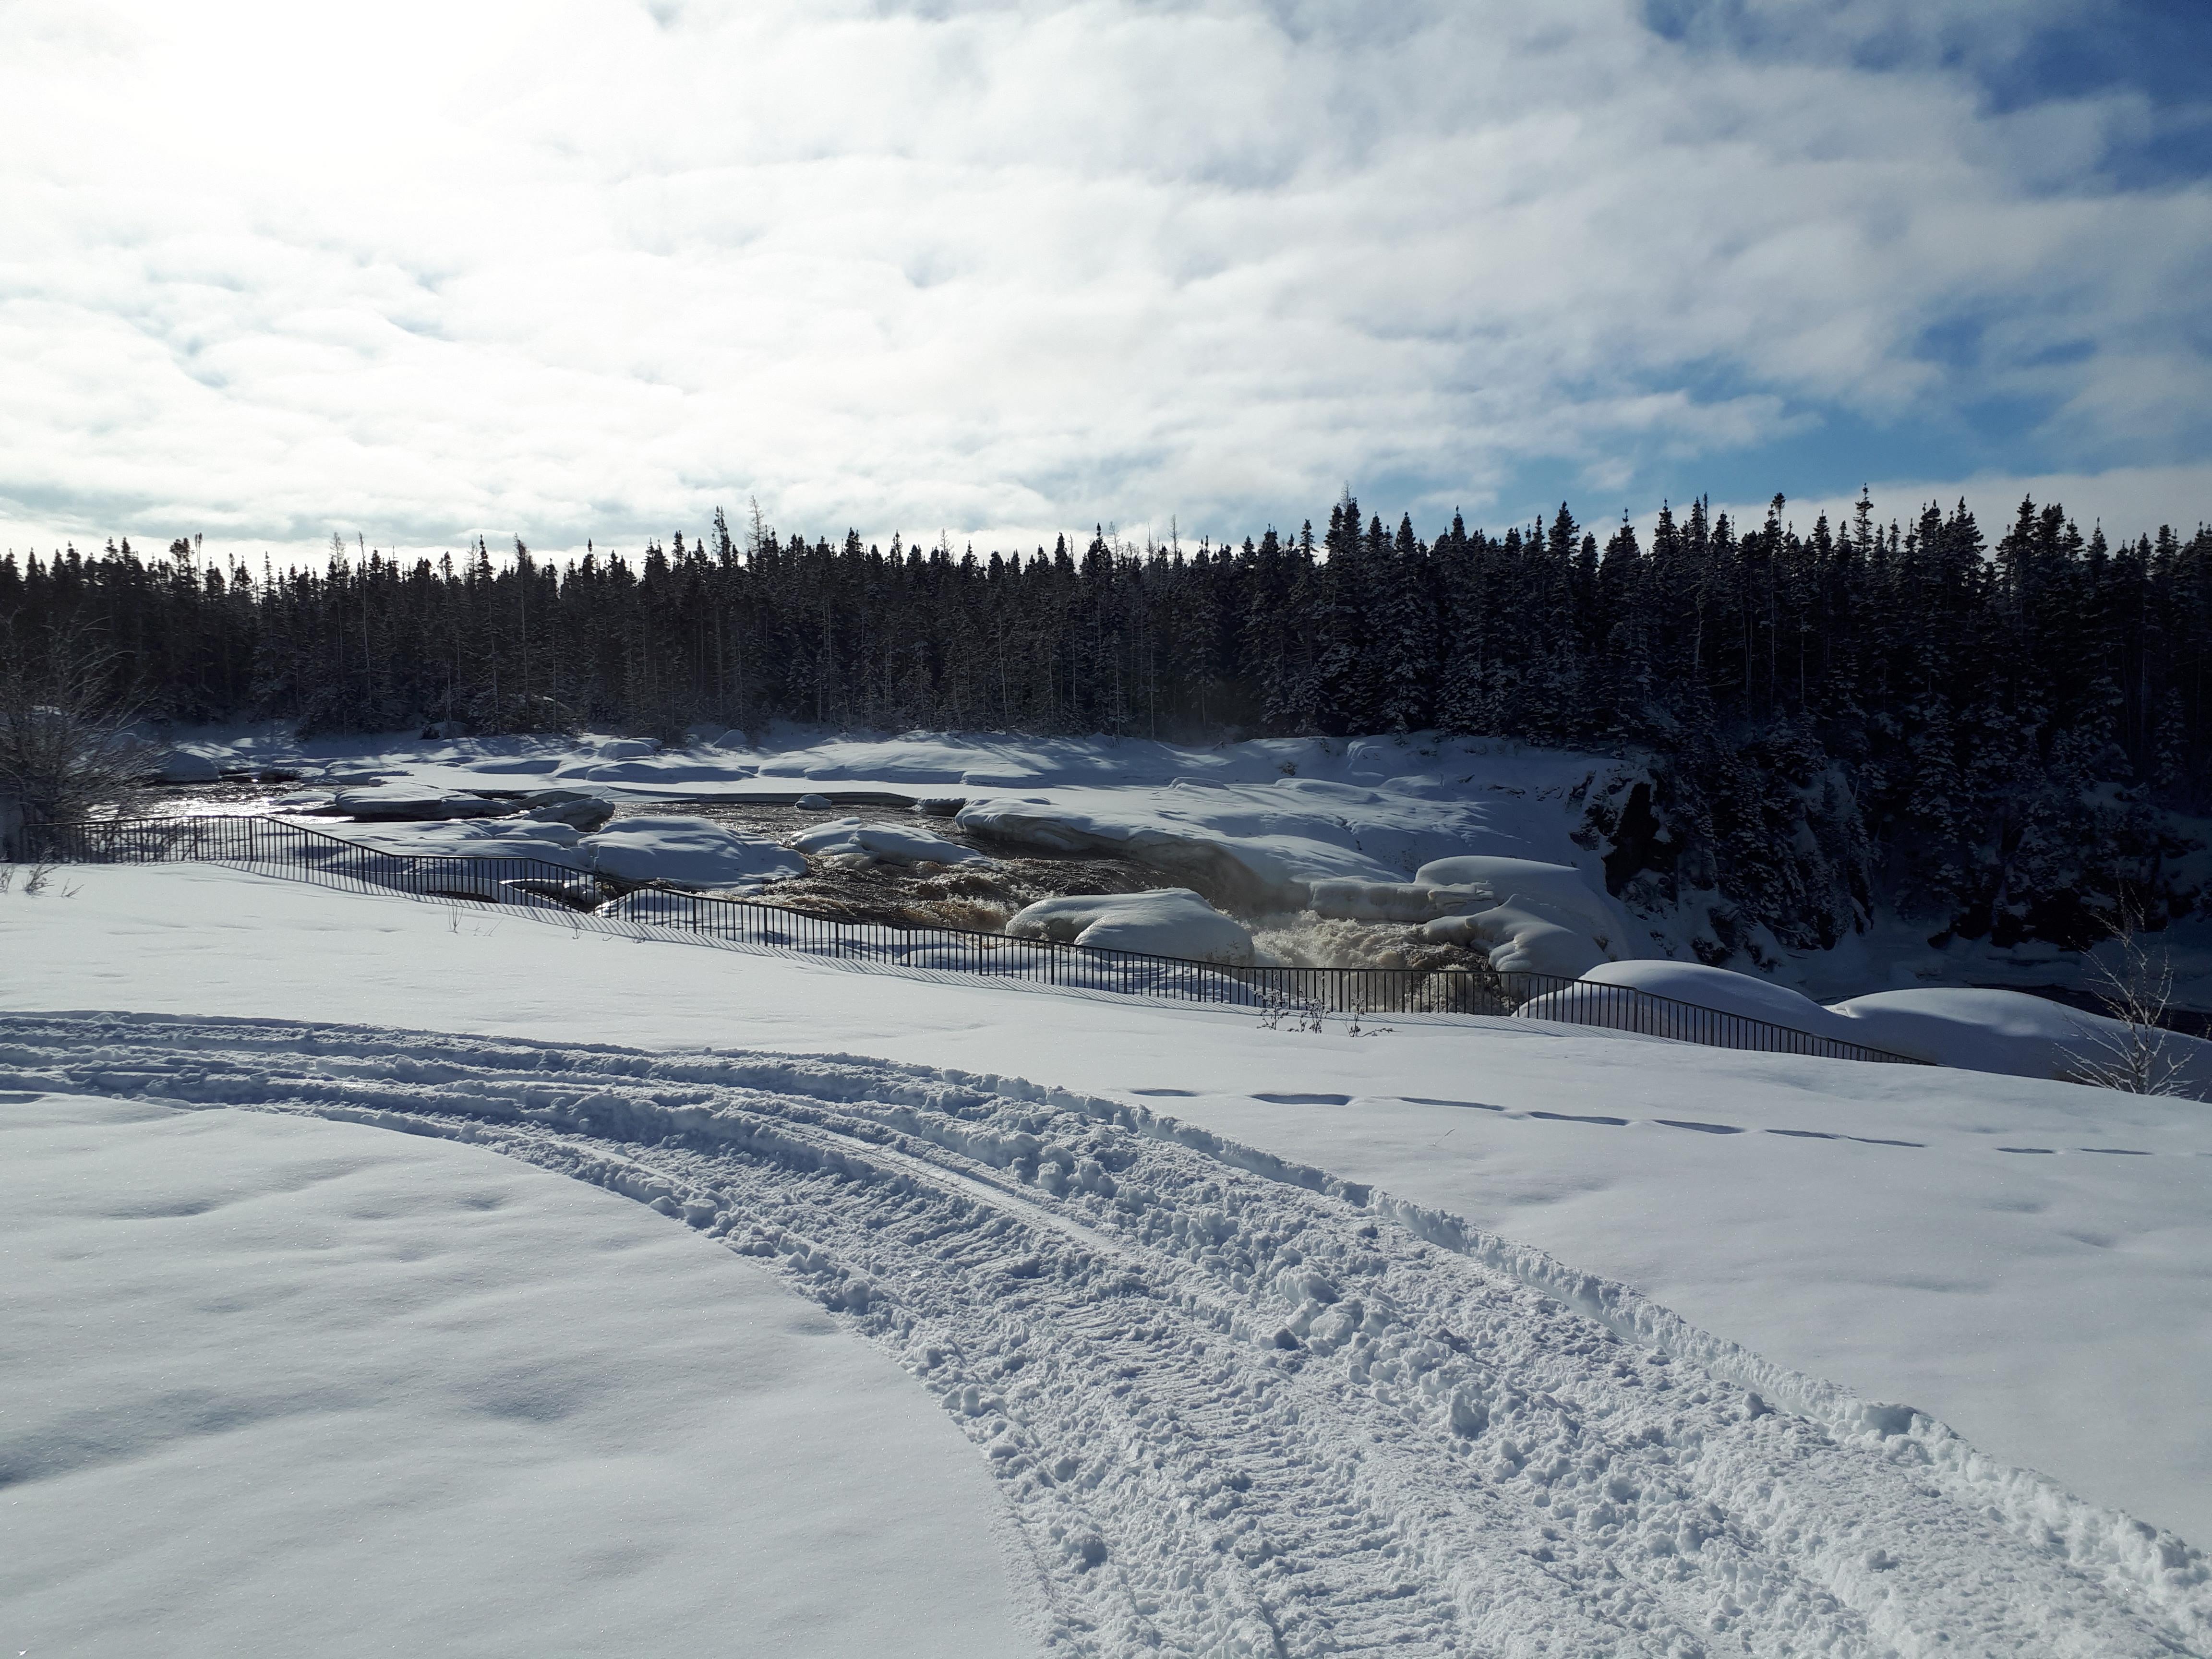 Terra Nova3